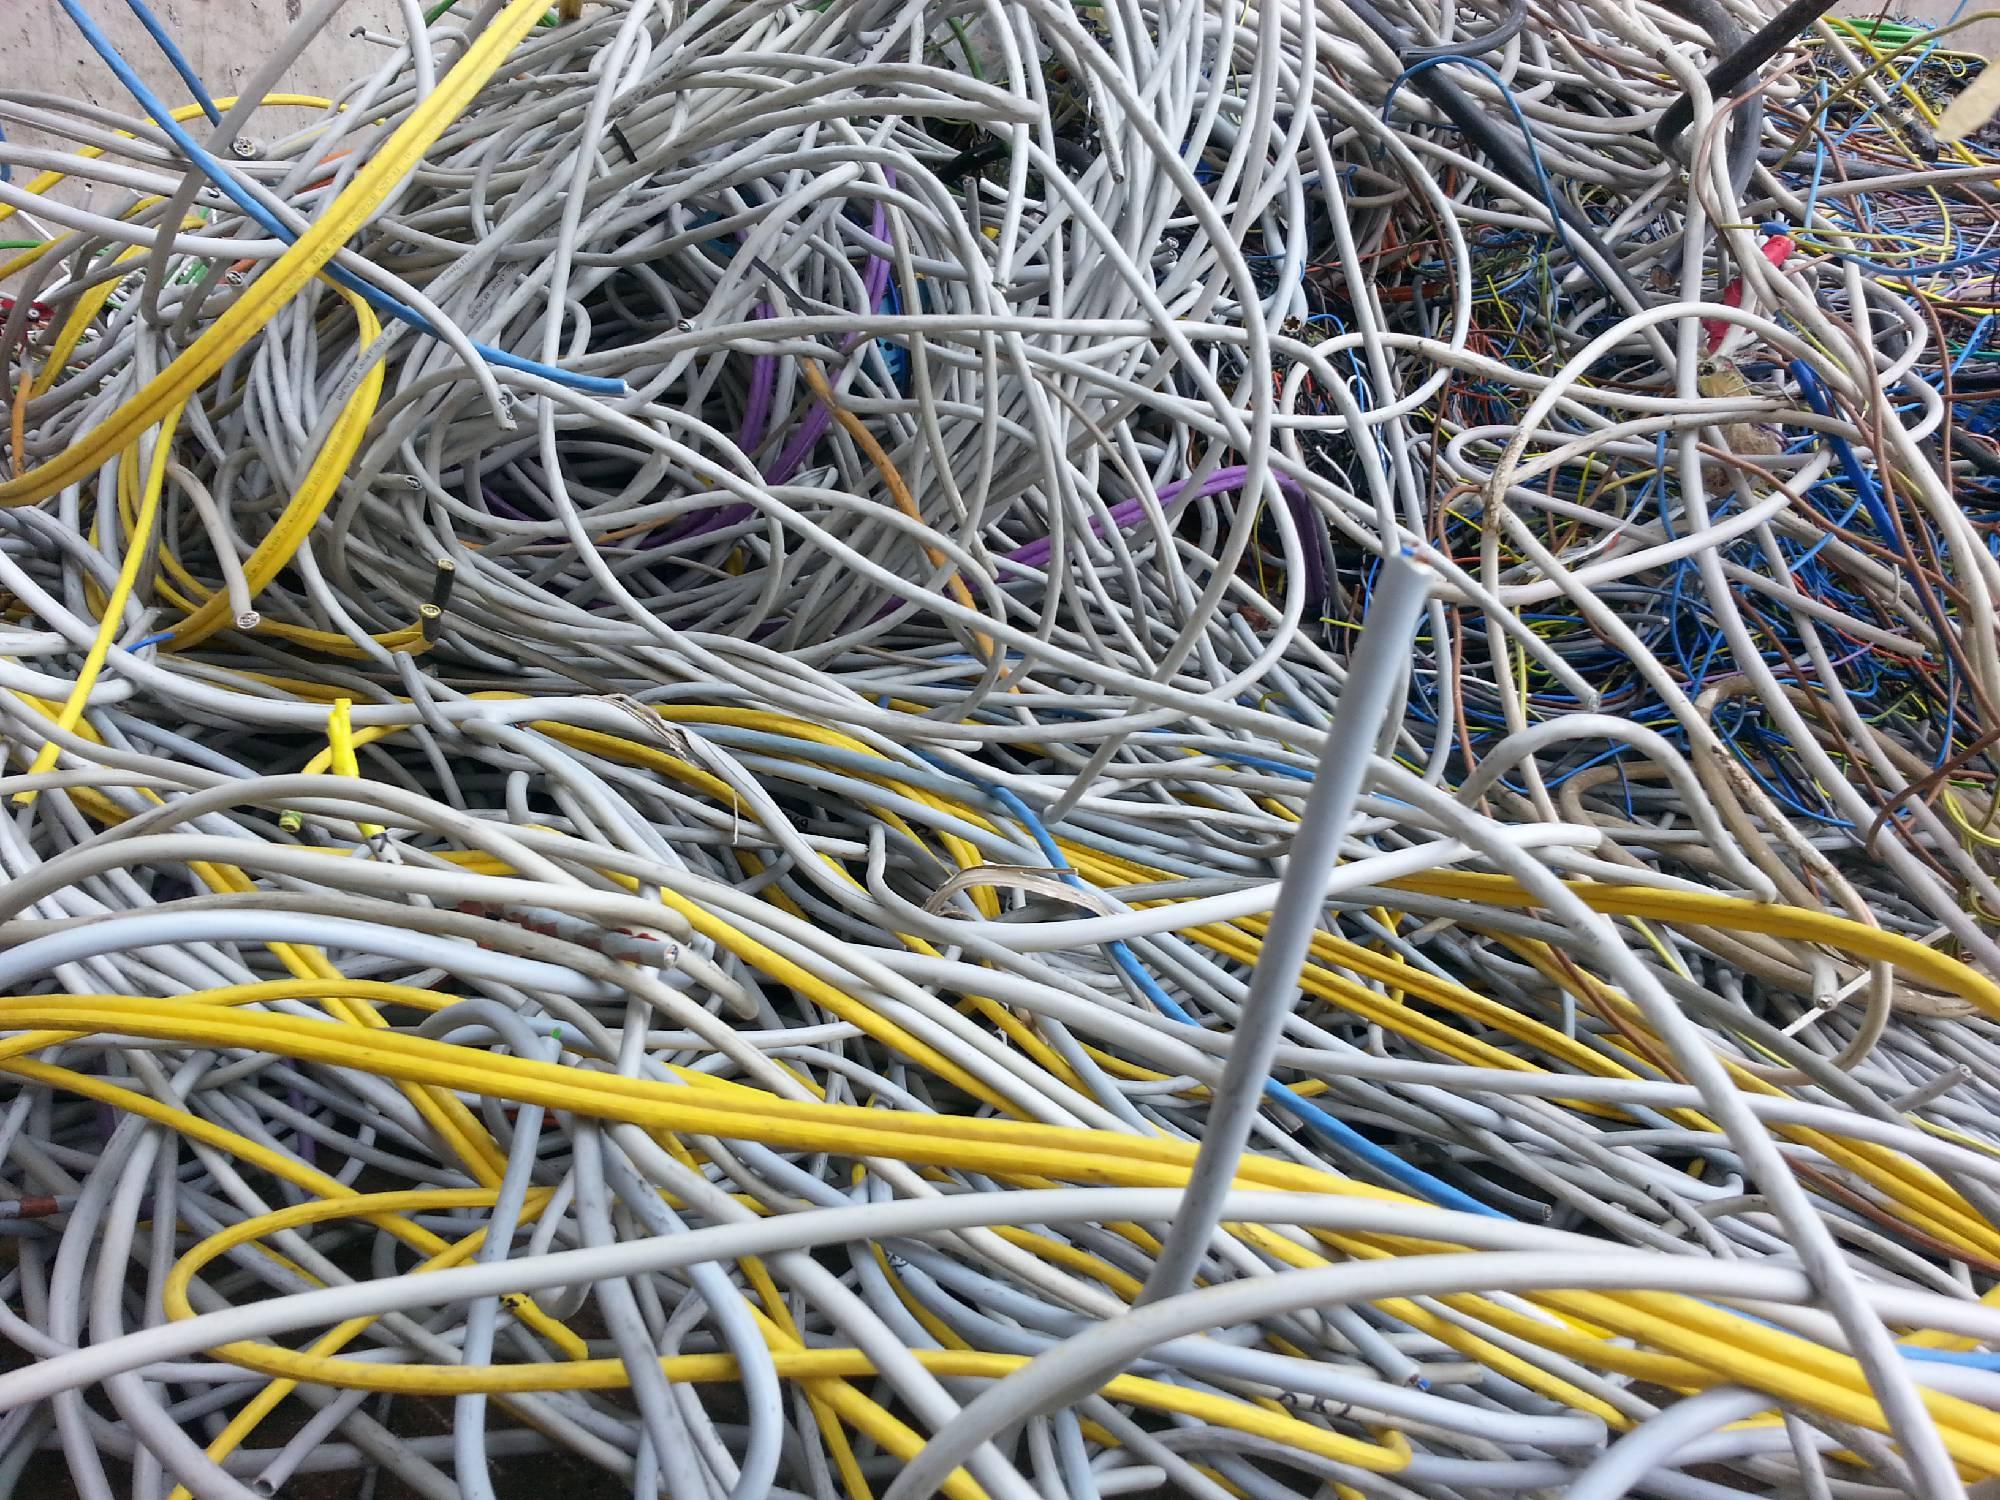 Großartig Kabel Und Kabel Recyceln Bilder - Der Schaltplan ...